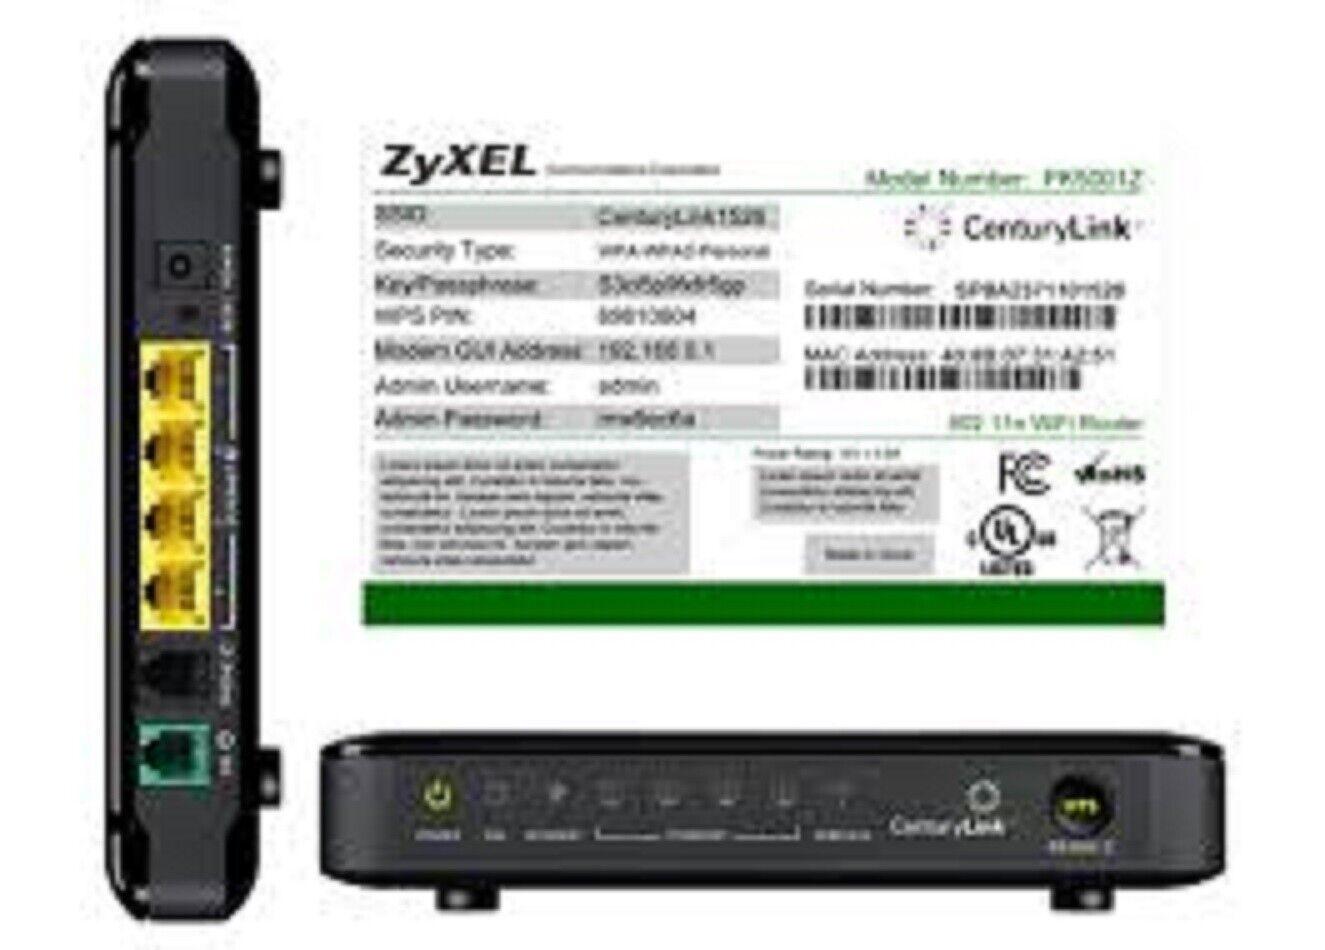 ***NEW IN BOX! CENTURYLINK APPROVED ZYXEL PK5001Z DSL MODEM